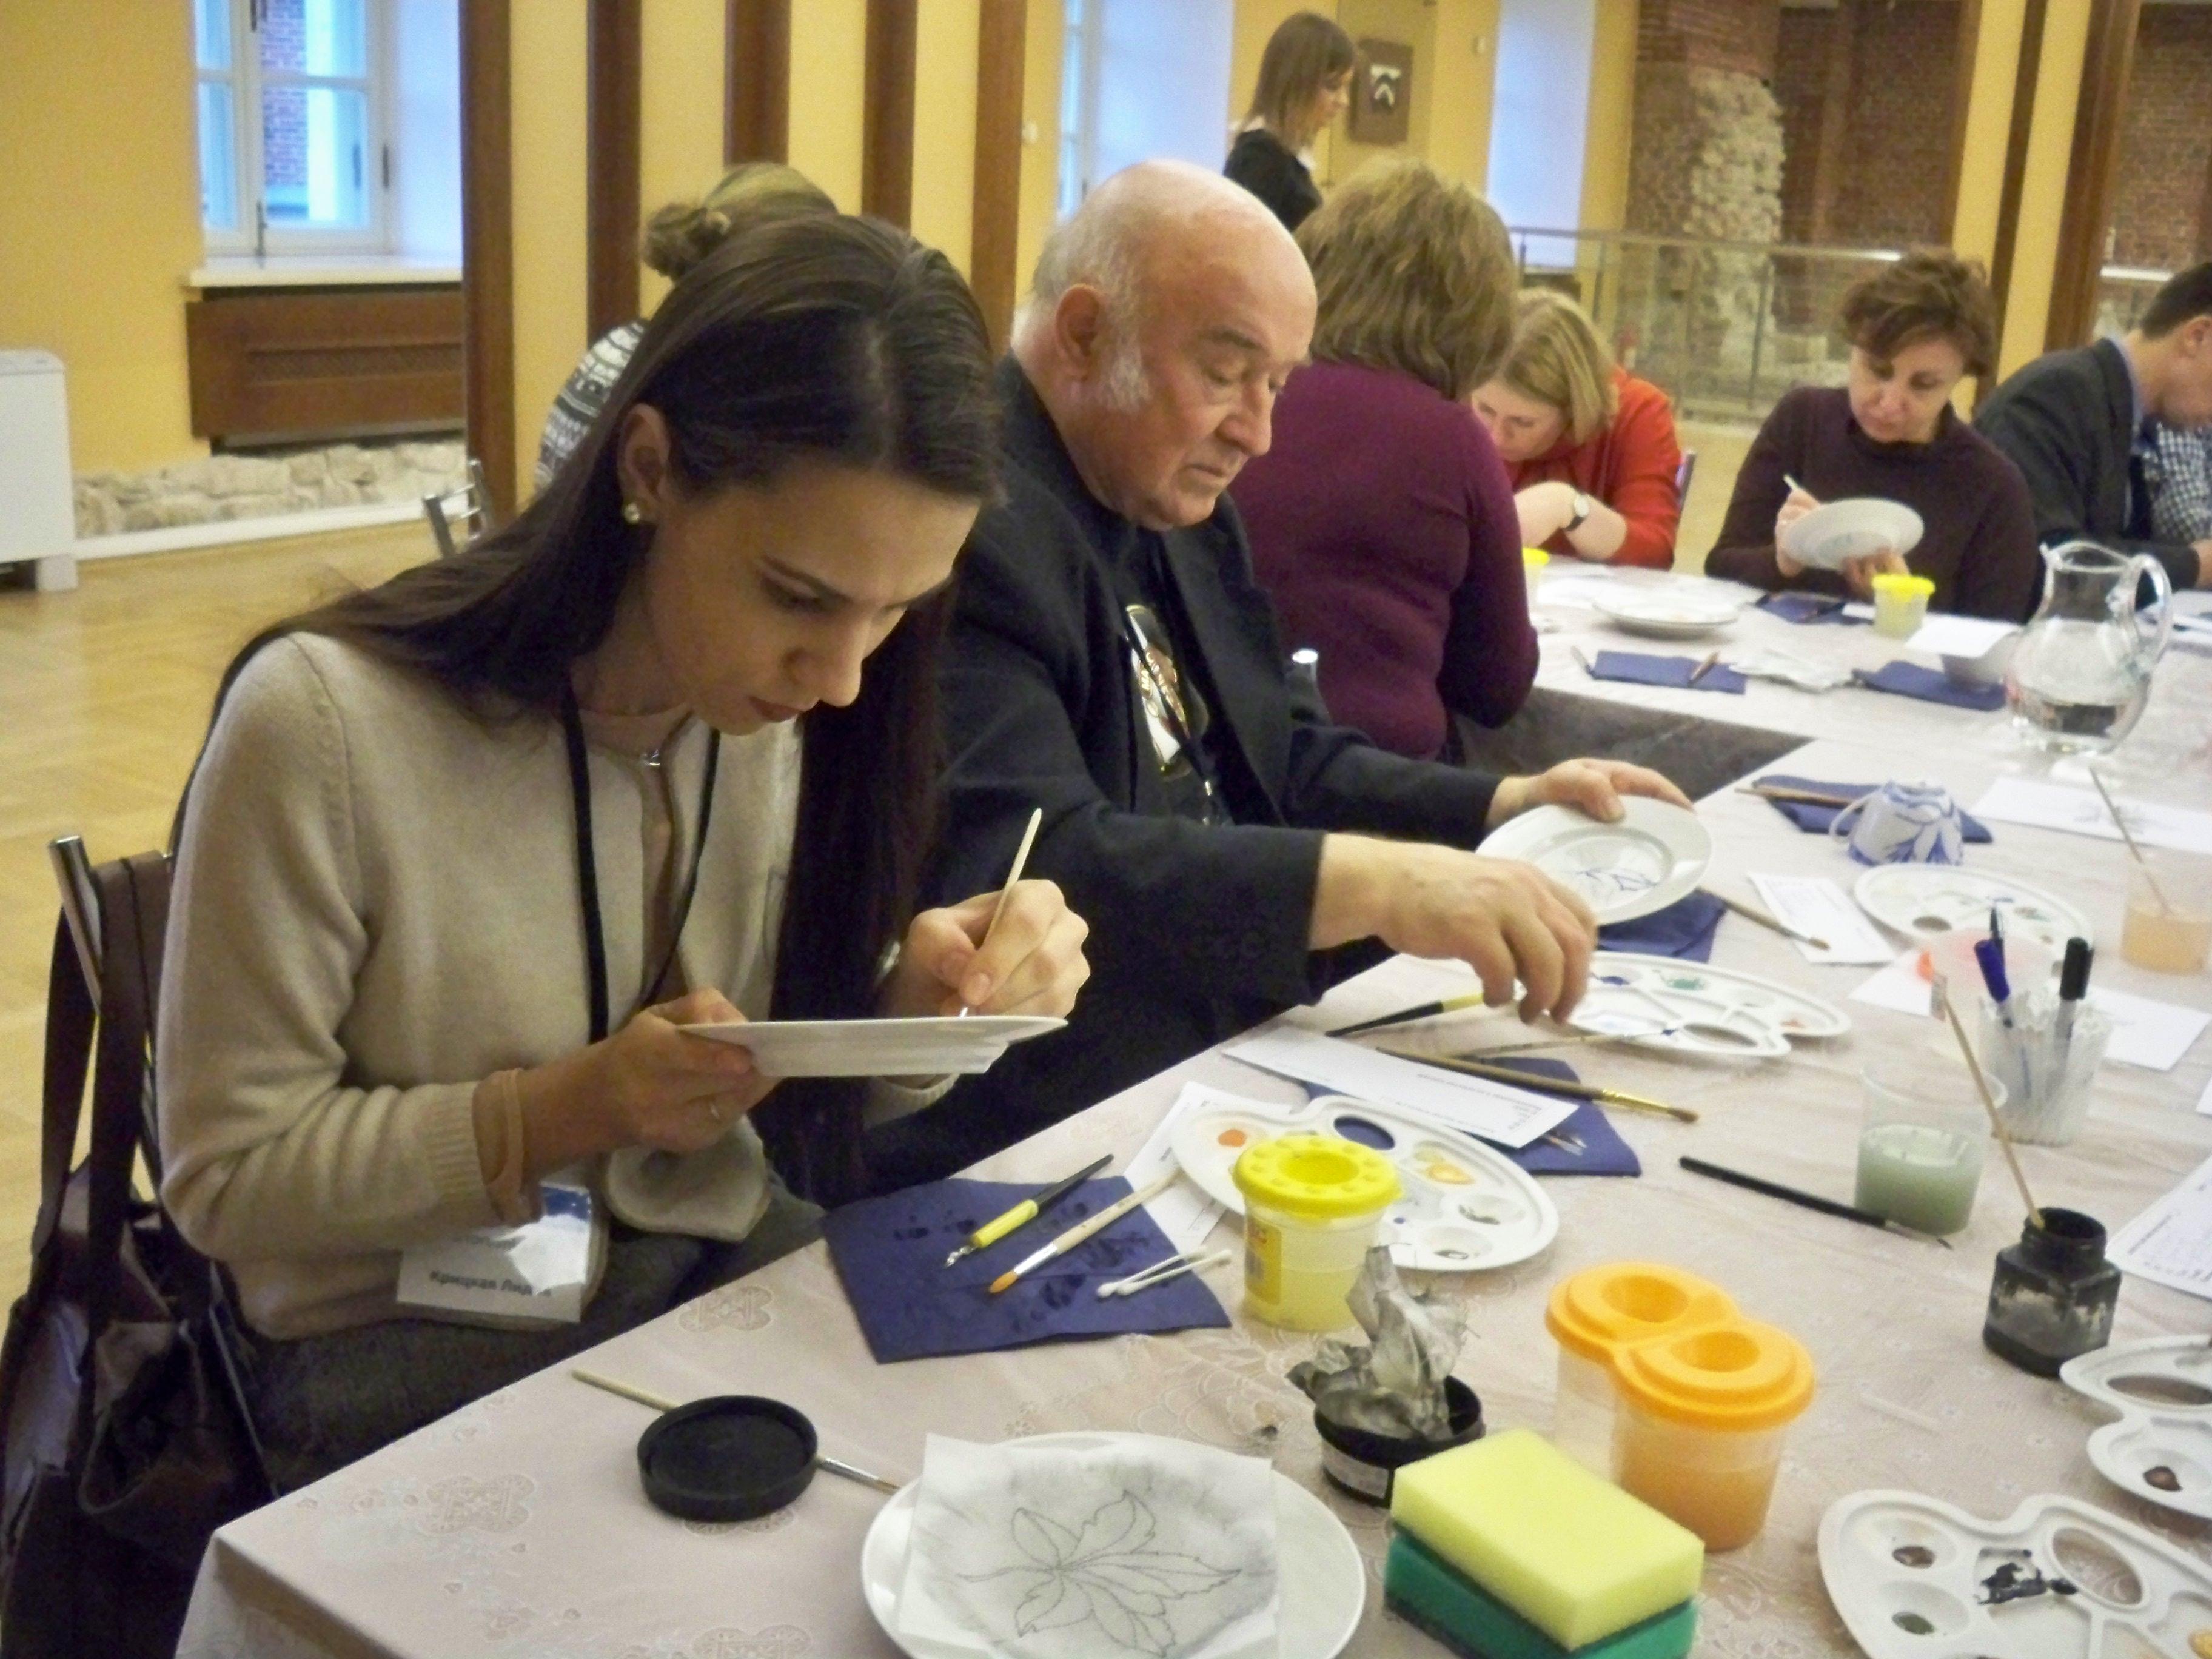 мастер-класс по росписи фарфора, открытие выставки Галины Шуляк в Царицыно